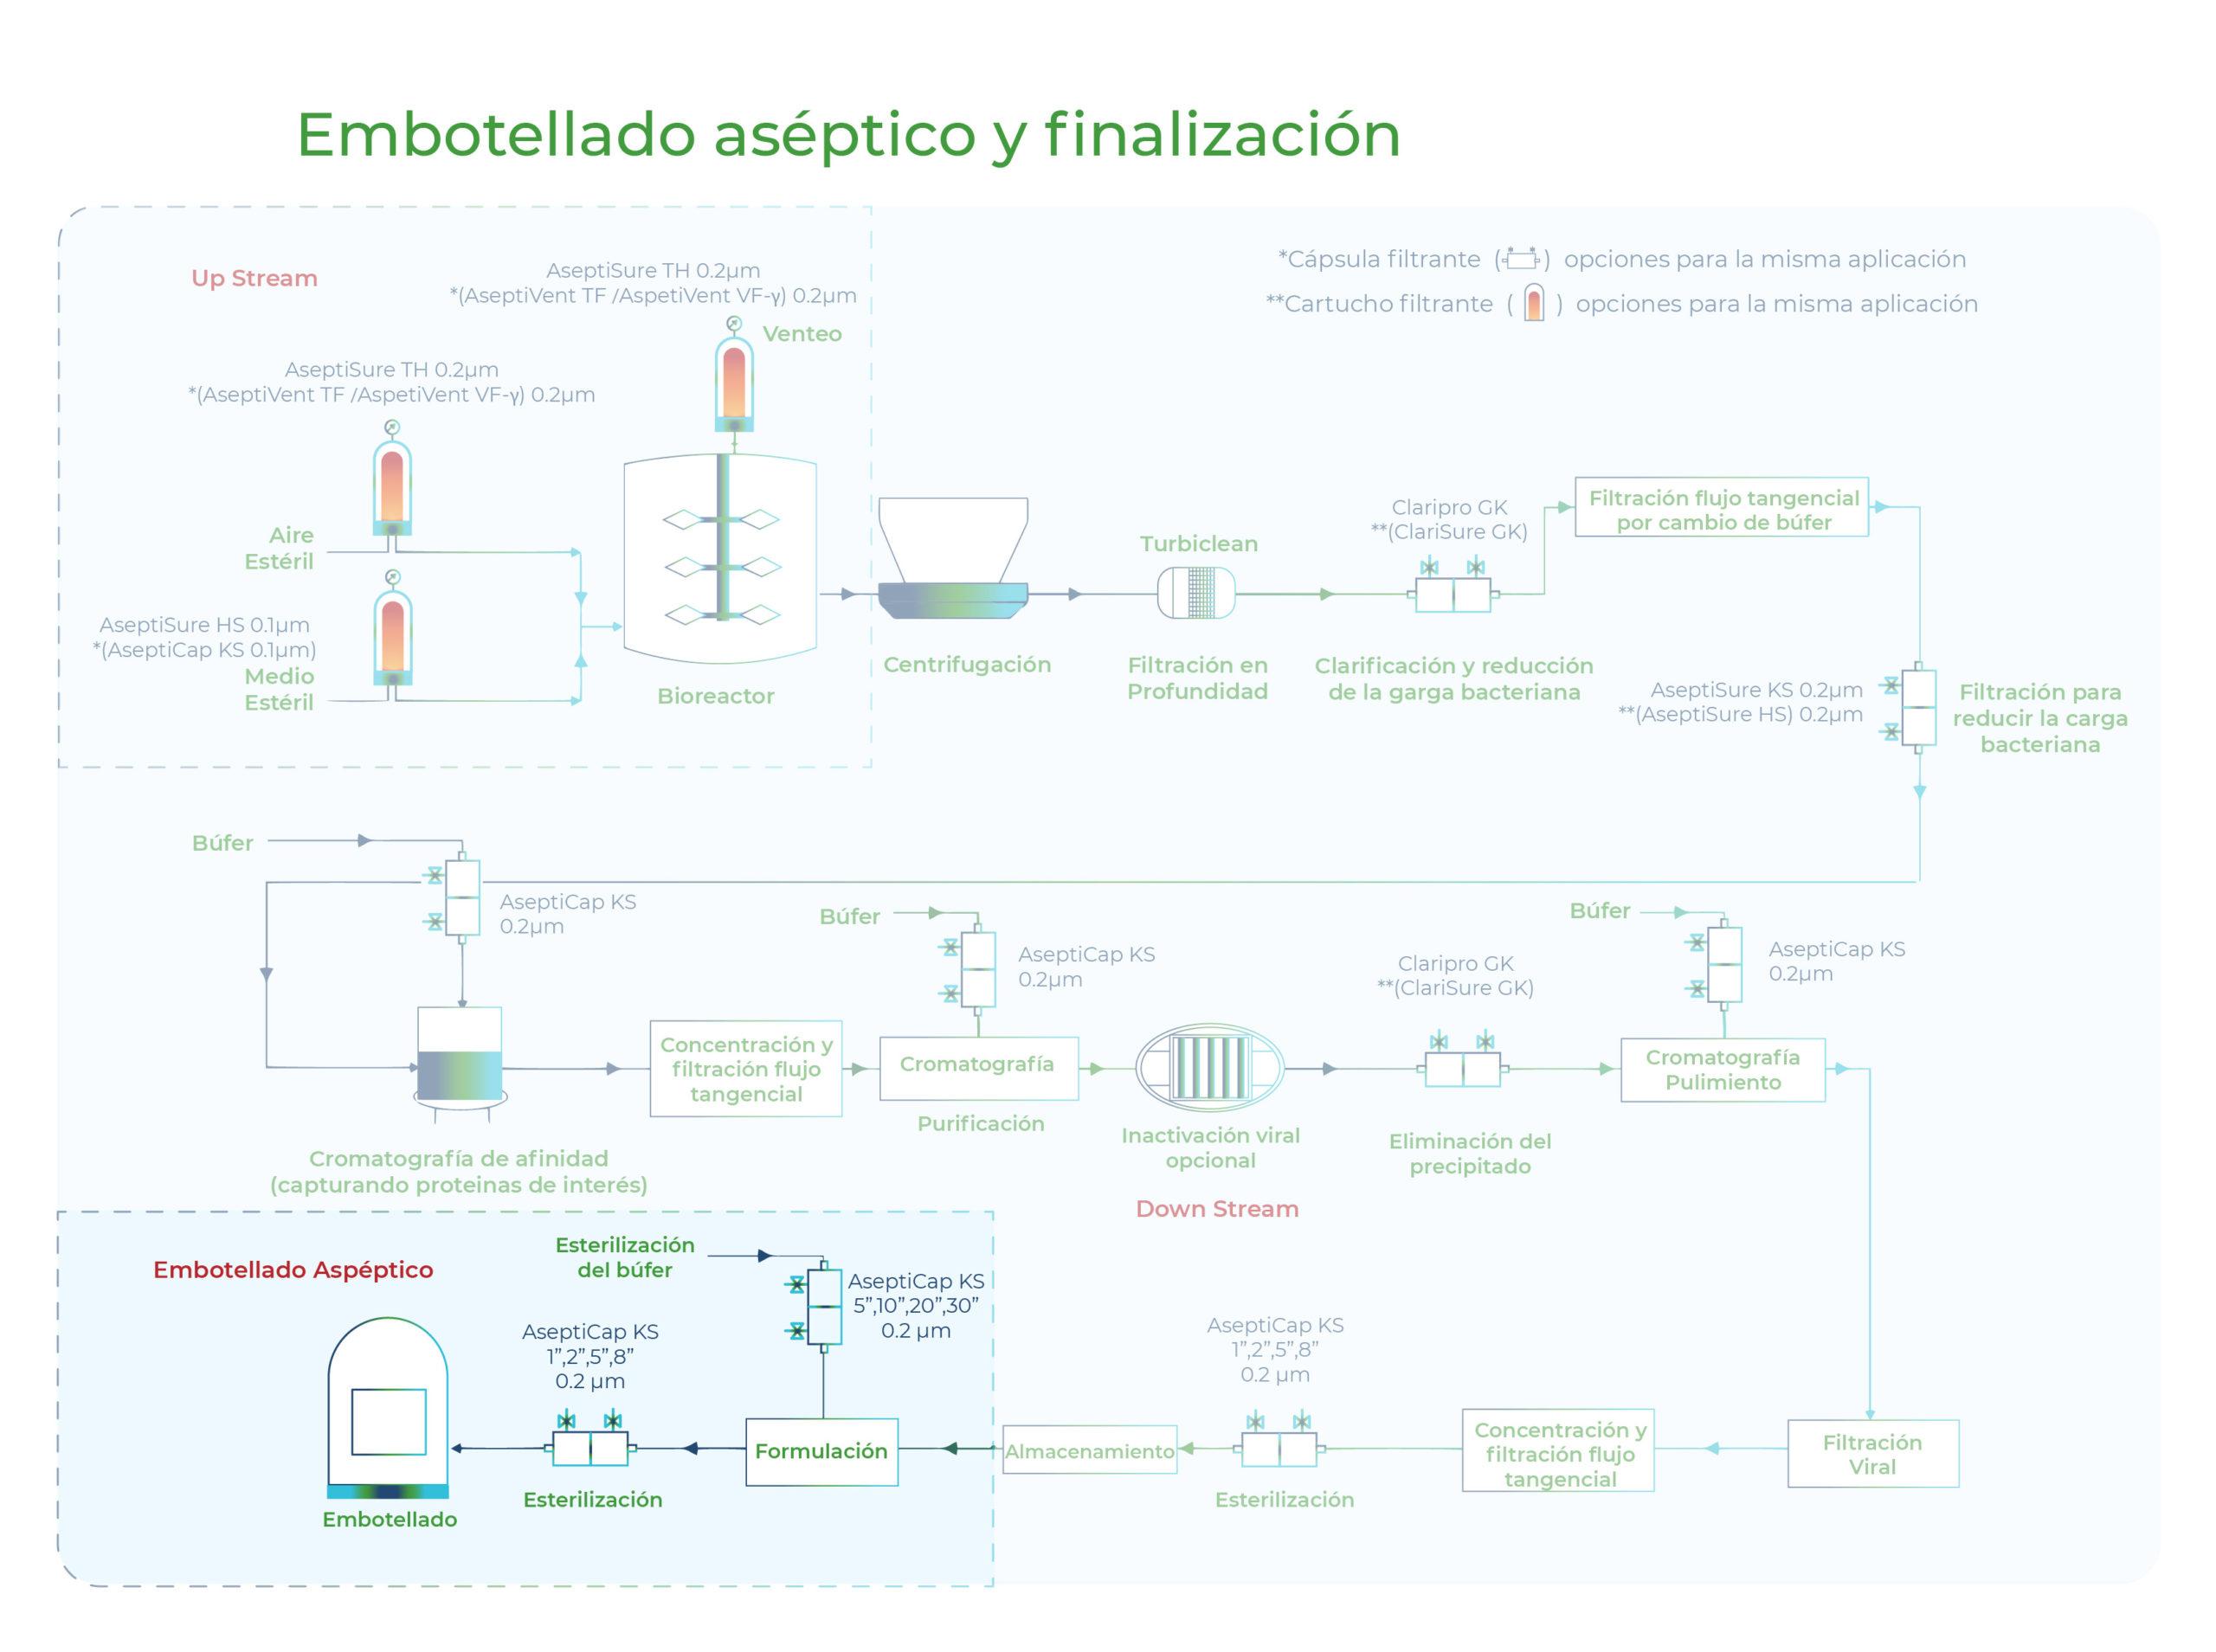 Diagrama Embotellado aséptico y finalización. Gesfilter